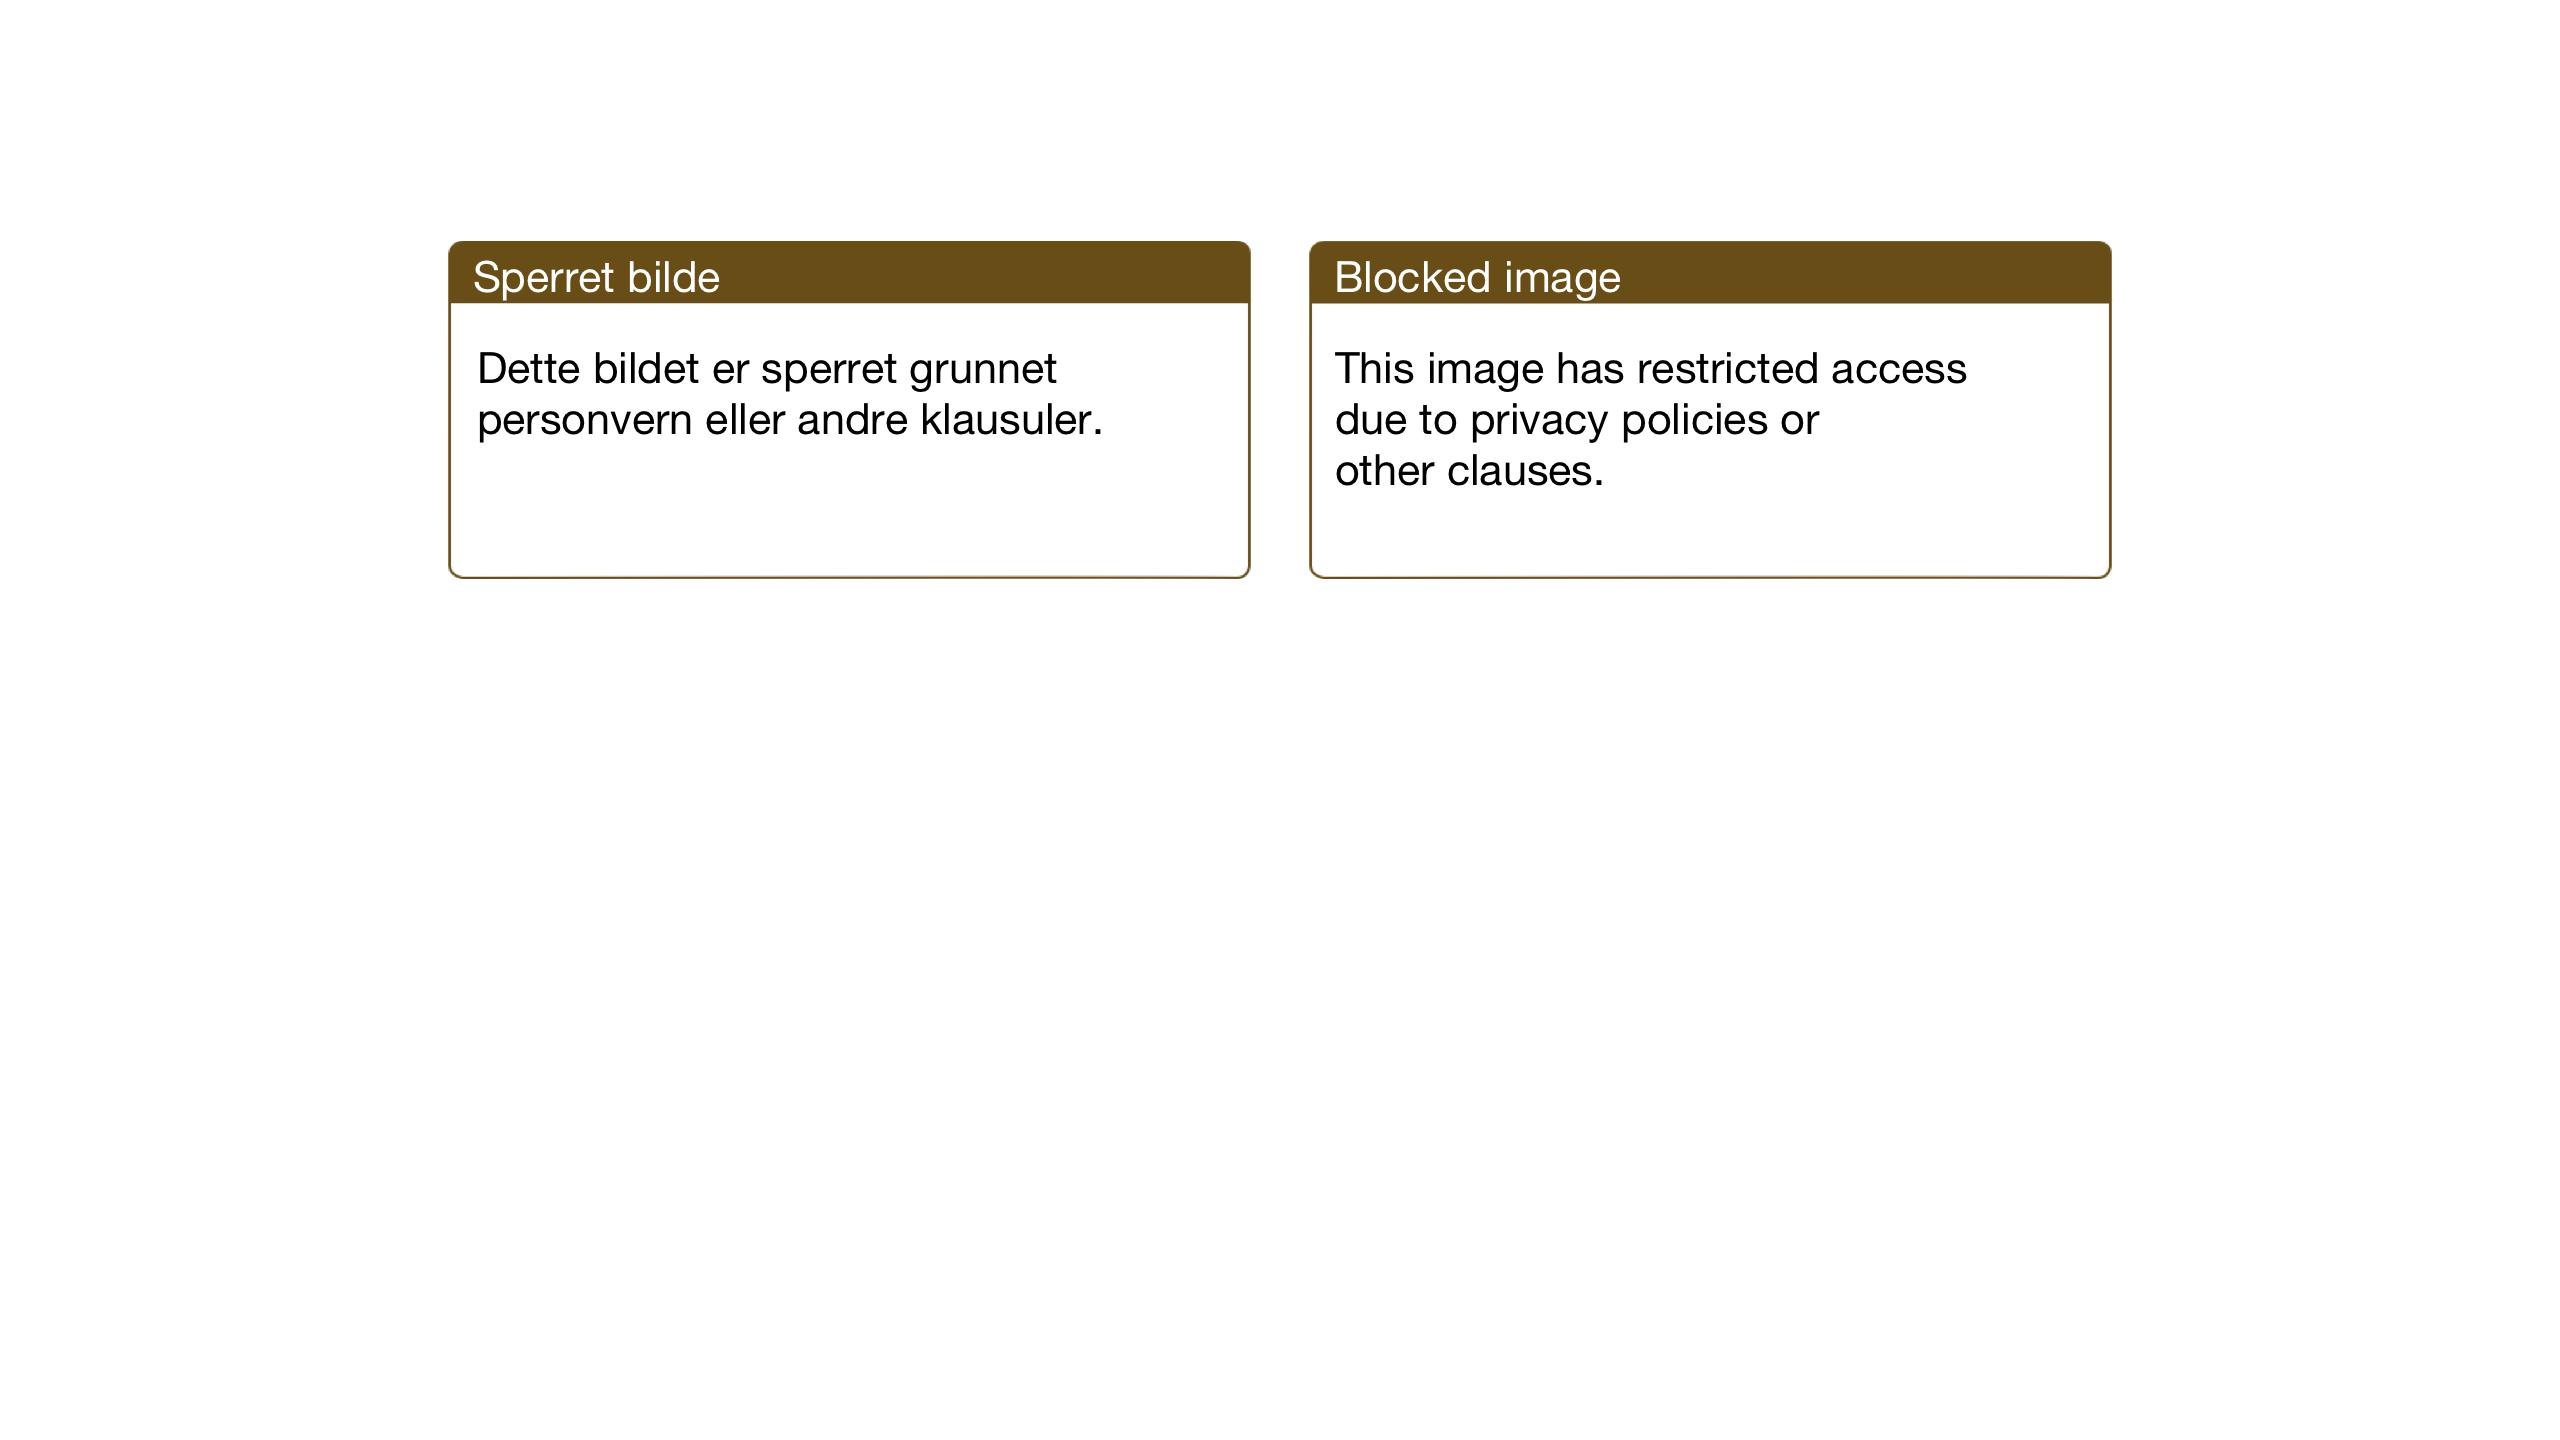 SAT, Ministerialprotokoller, klokkerbøker og fødselsregistre - Nord-Trøndelag, 749/L0481: Klokkerbok nr. 749C03, 1933-1945, s. 17